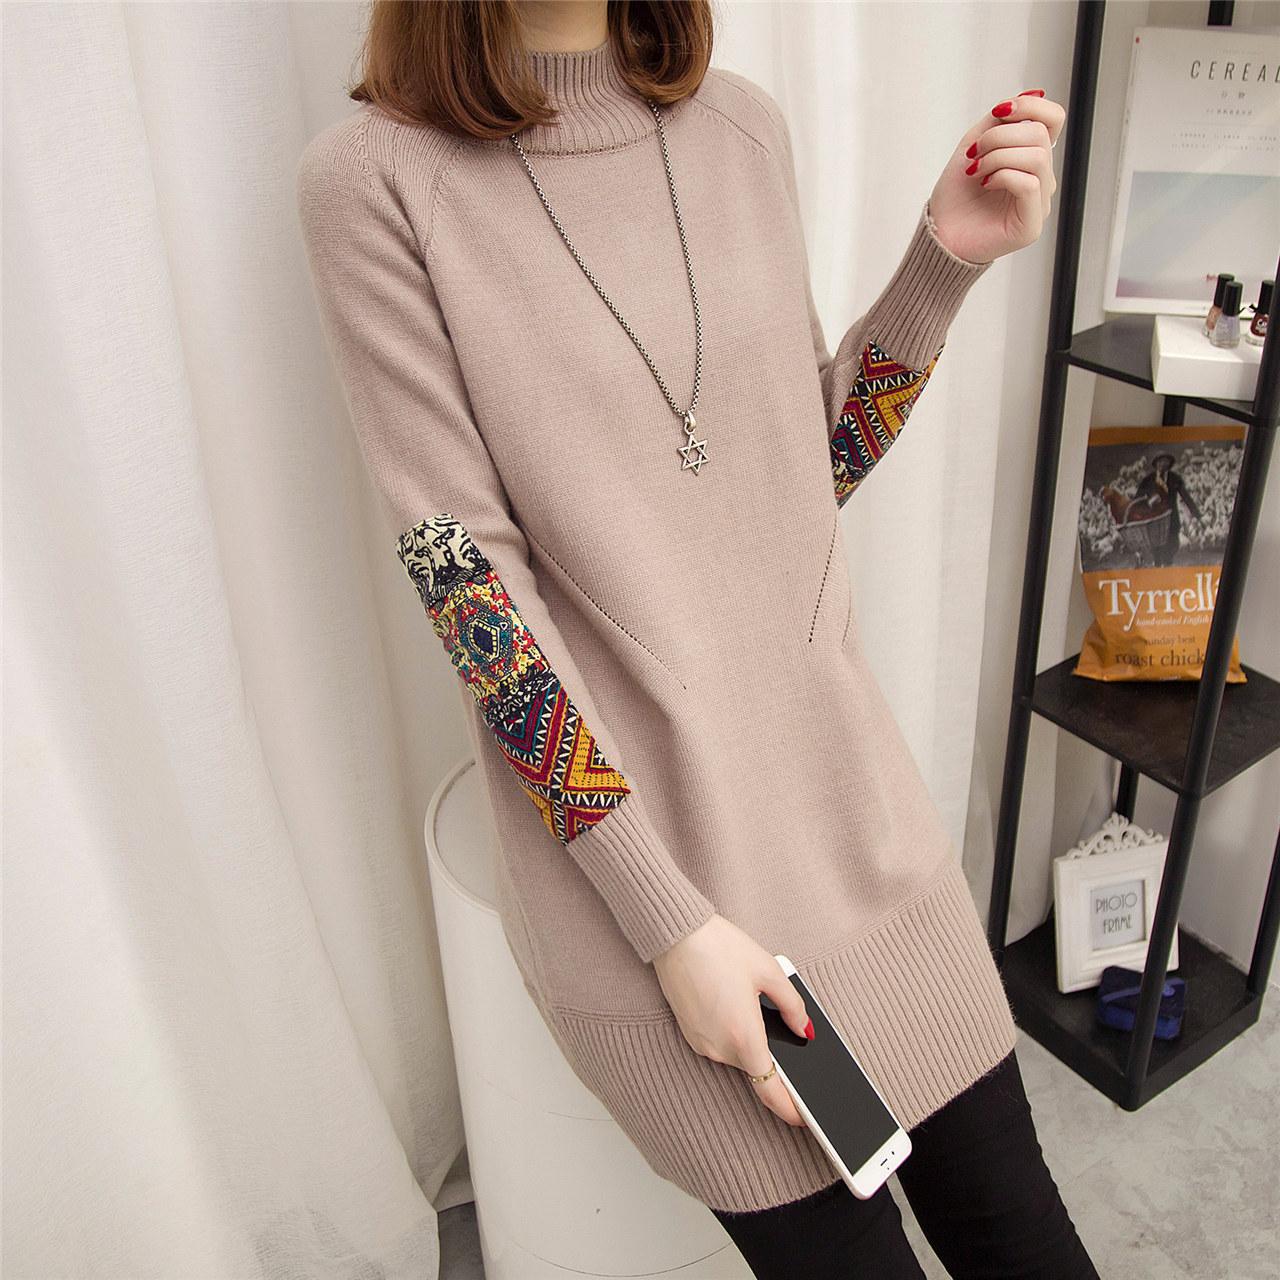 中长款民族风套头韩版宽松毛衣女装秋冬季新款半高领针织衫毛衣裙